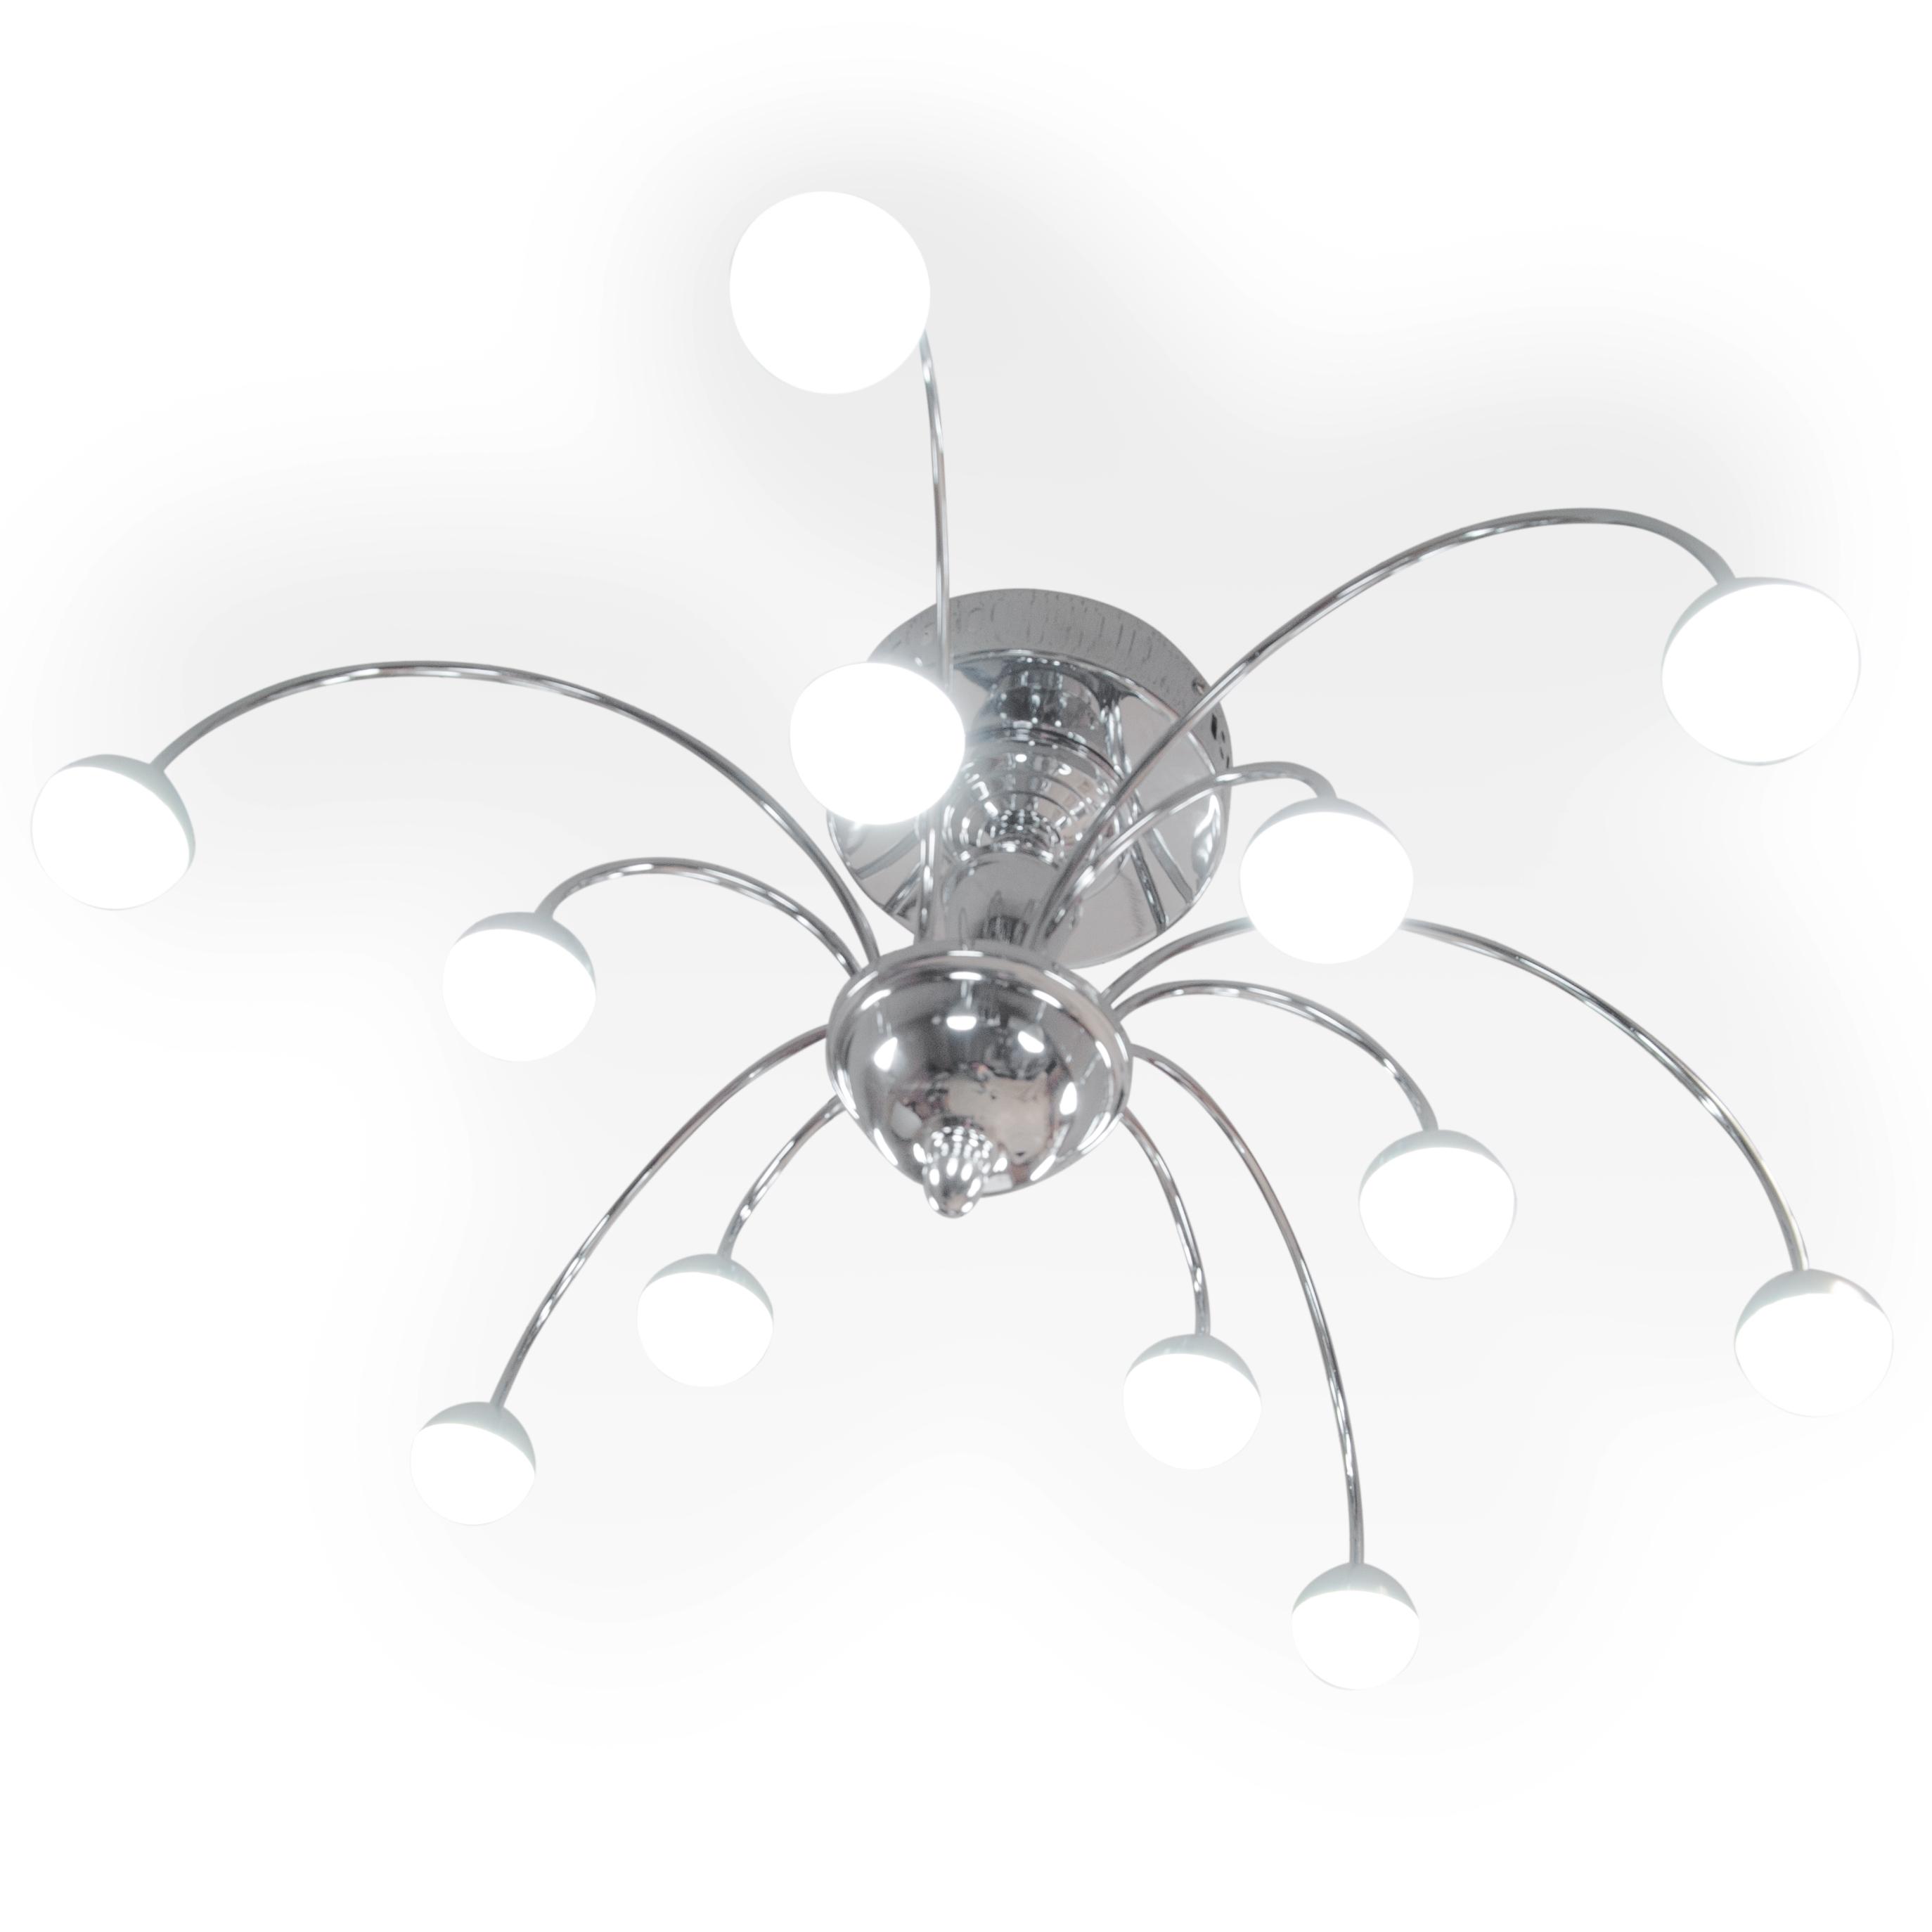 LED Deckenlampen Deckenleuchte für Wohnzimmer/ inkl. LED ...